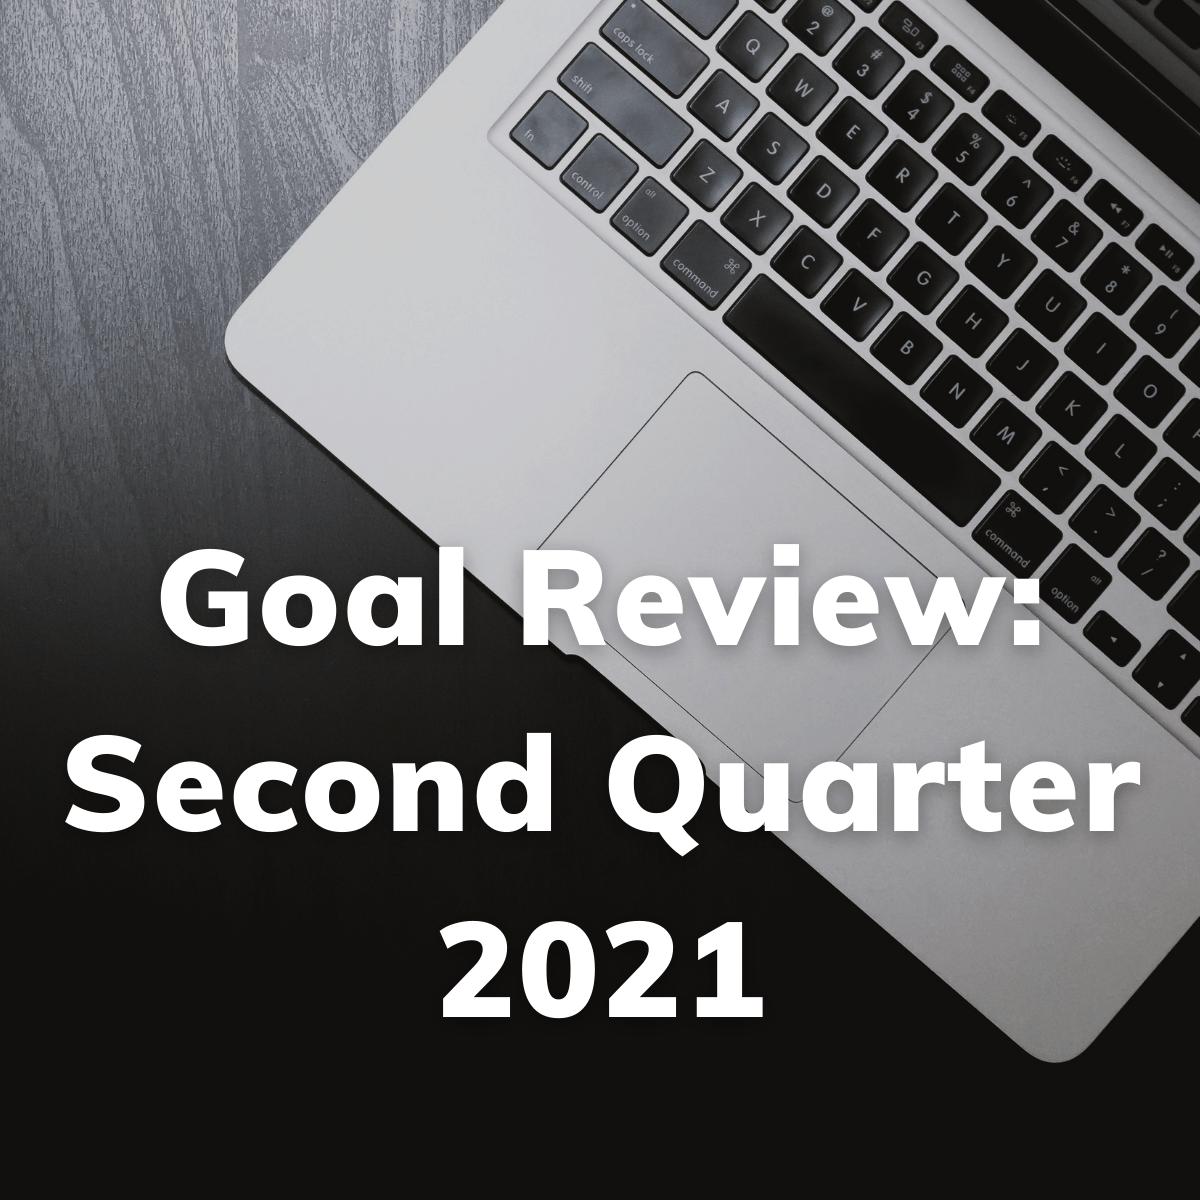 Second Quarter Goal Review 2021